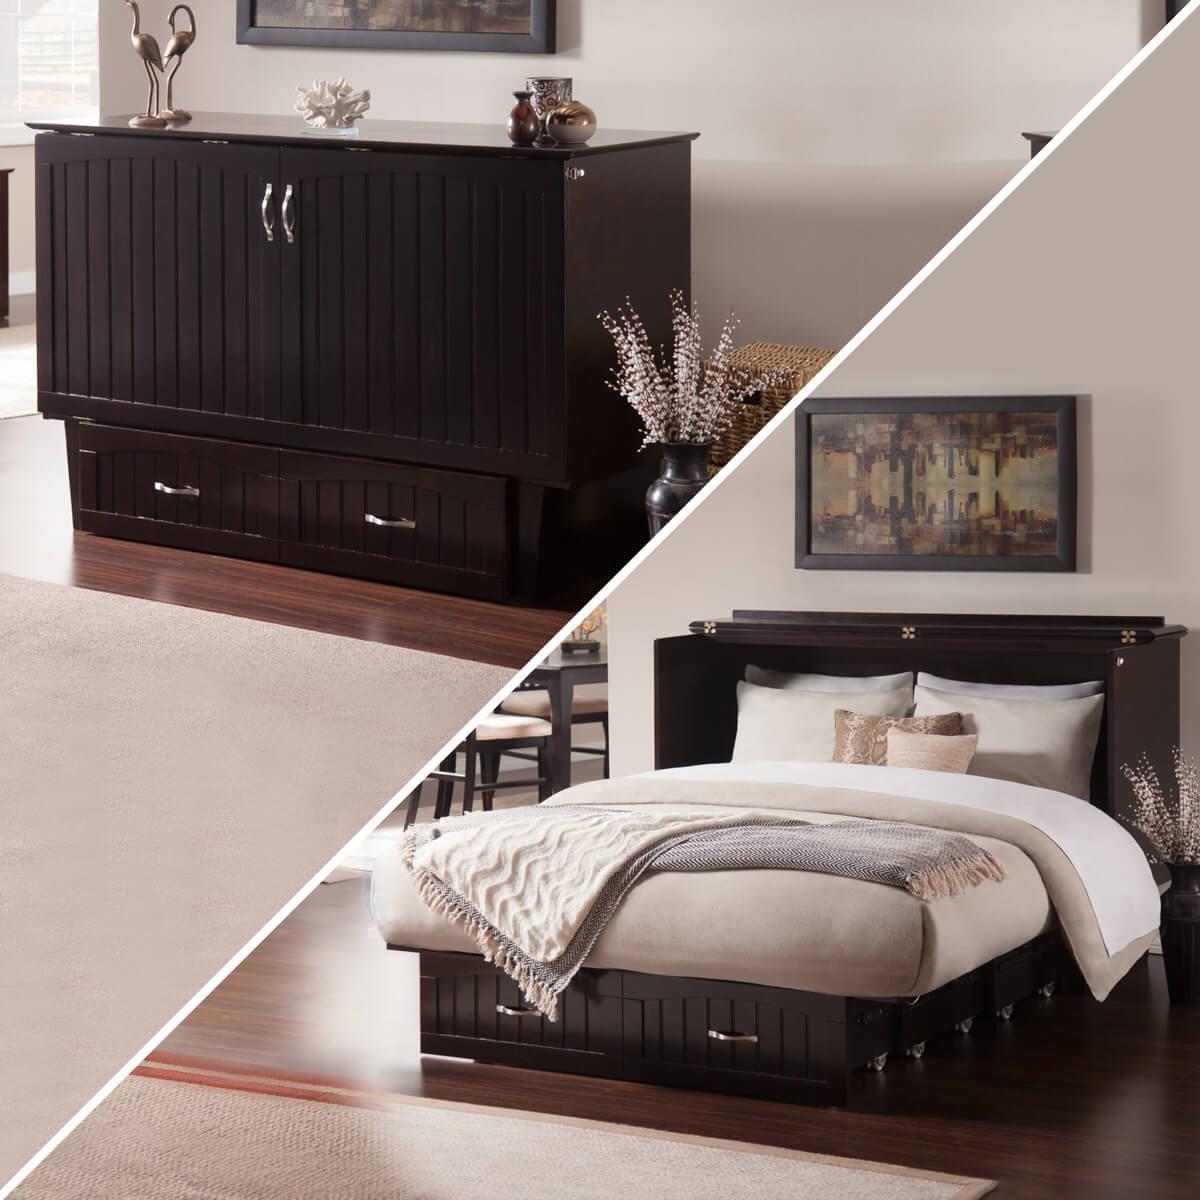 Aliexpress.com : Buy BlessLiving 3D Bed Set Brown Tiger